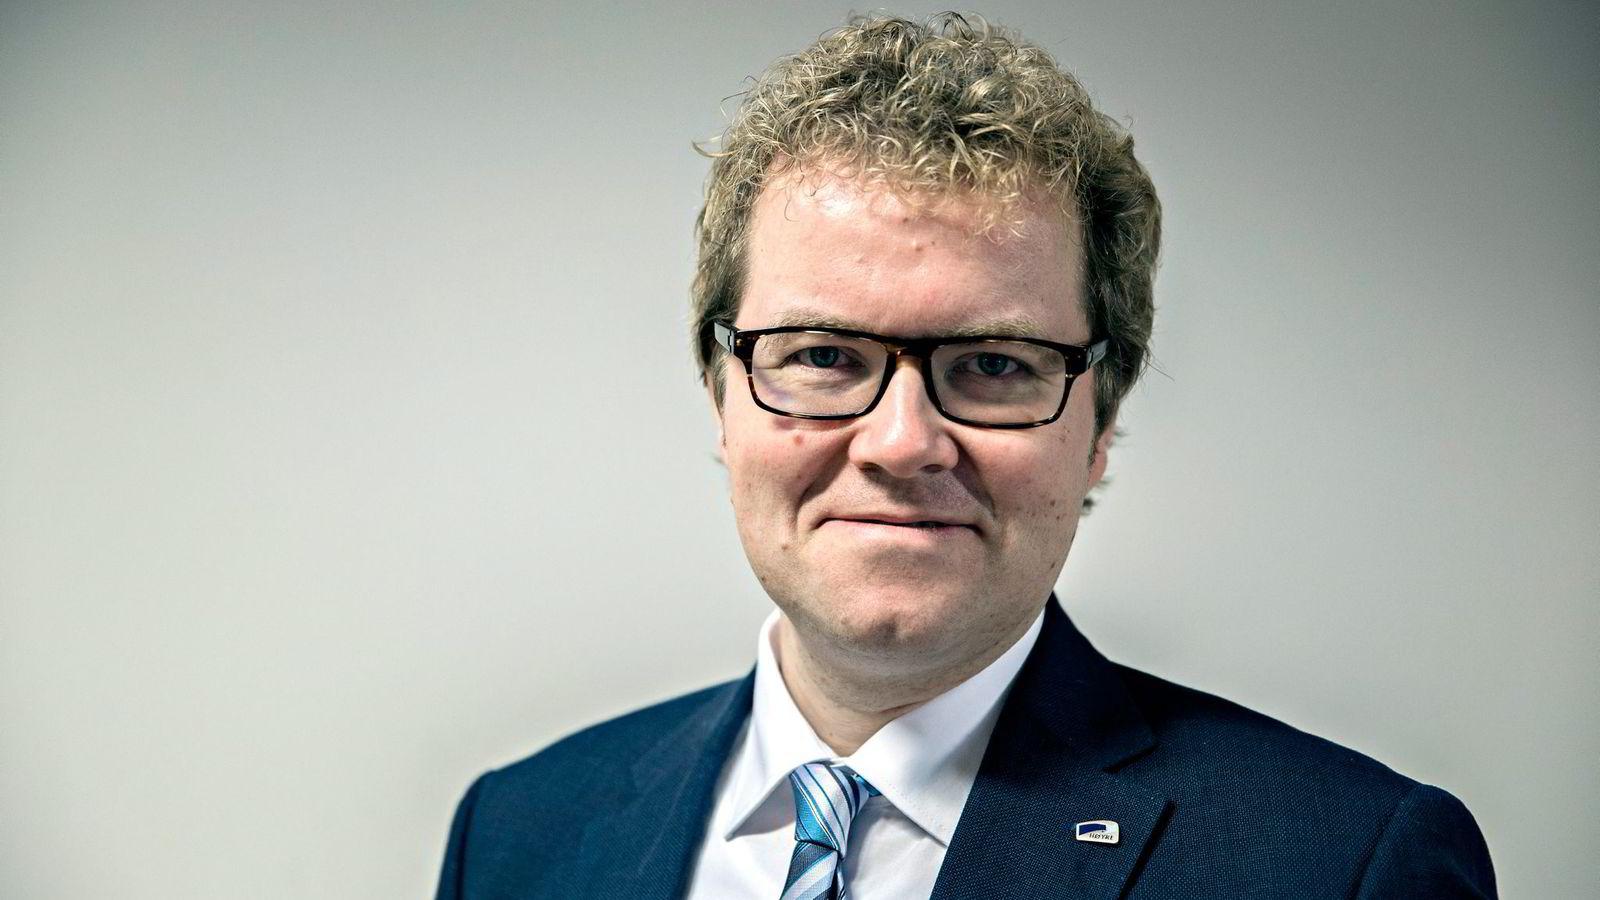 Statssekretær i Kulturdepartementet Bjørgulv Vinje Borgundvaag Foto: Aleksander Nordahl